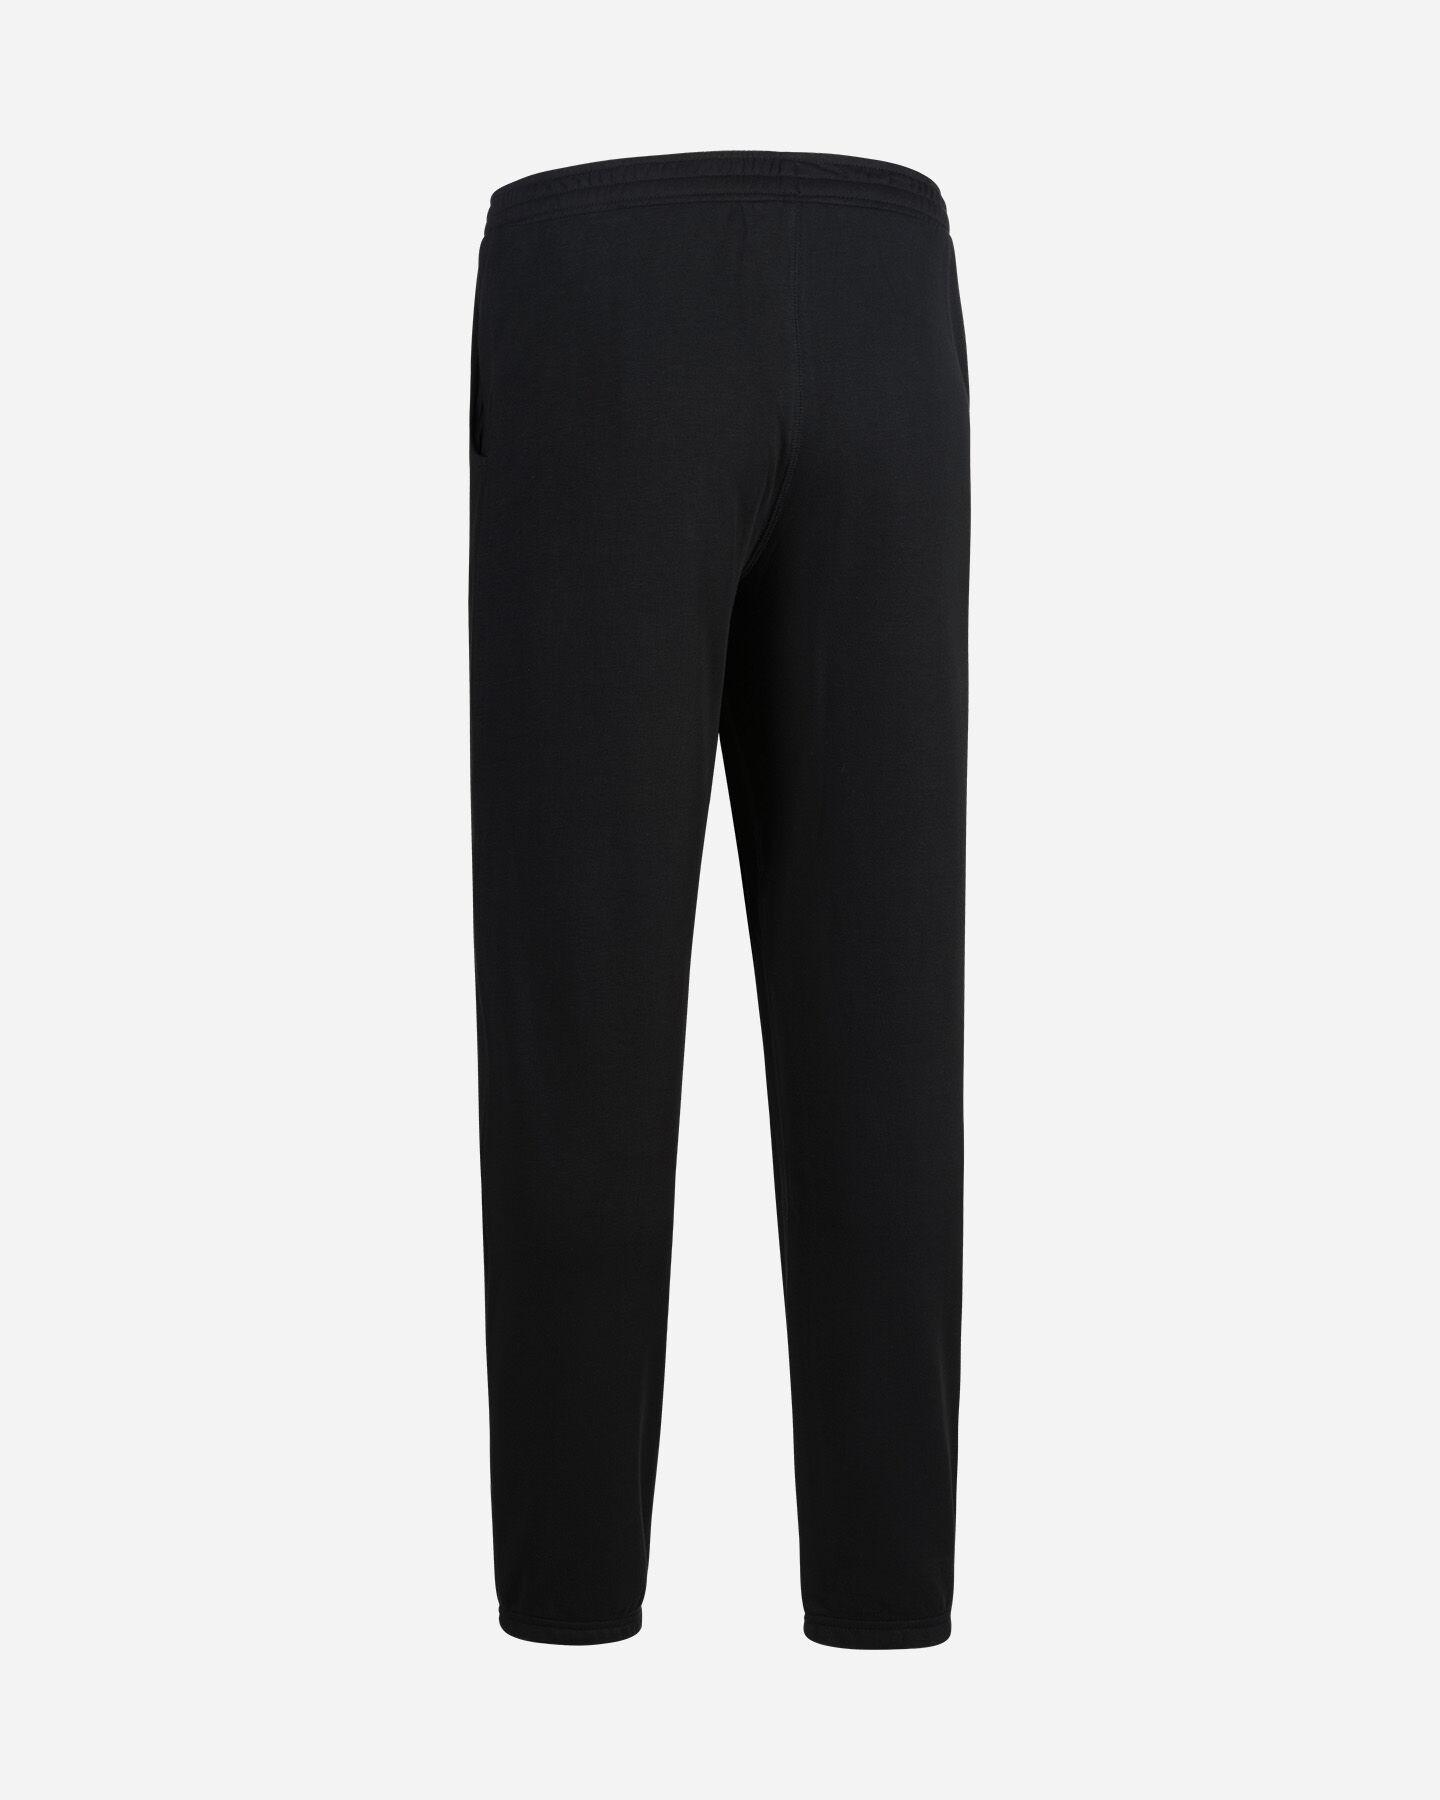 Pantalone ABC FNG POLSINI M S1298331 scatto 1